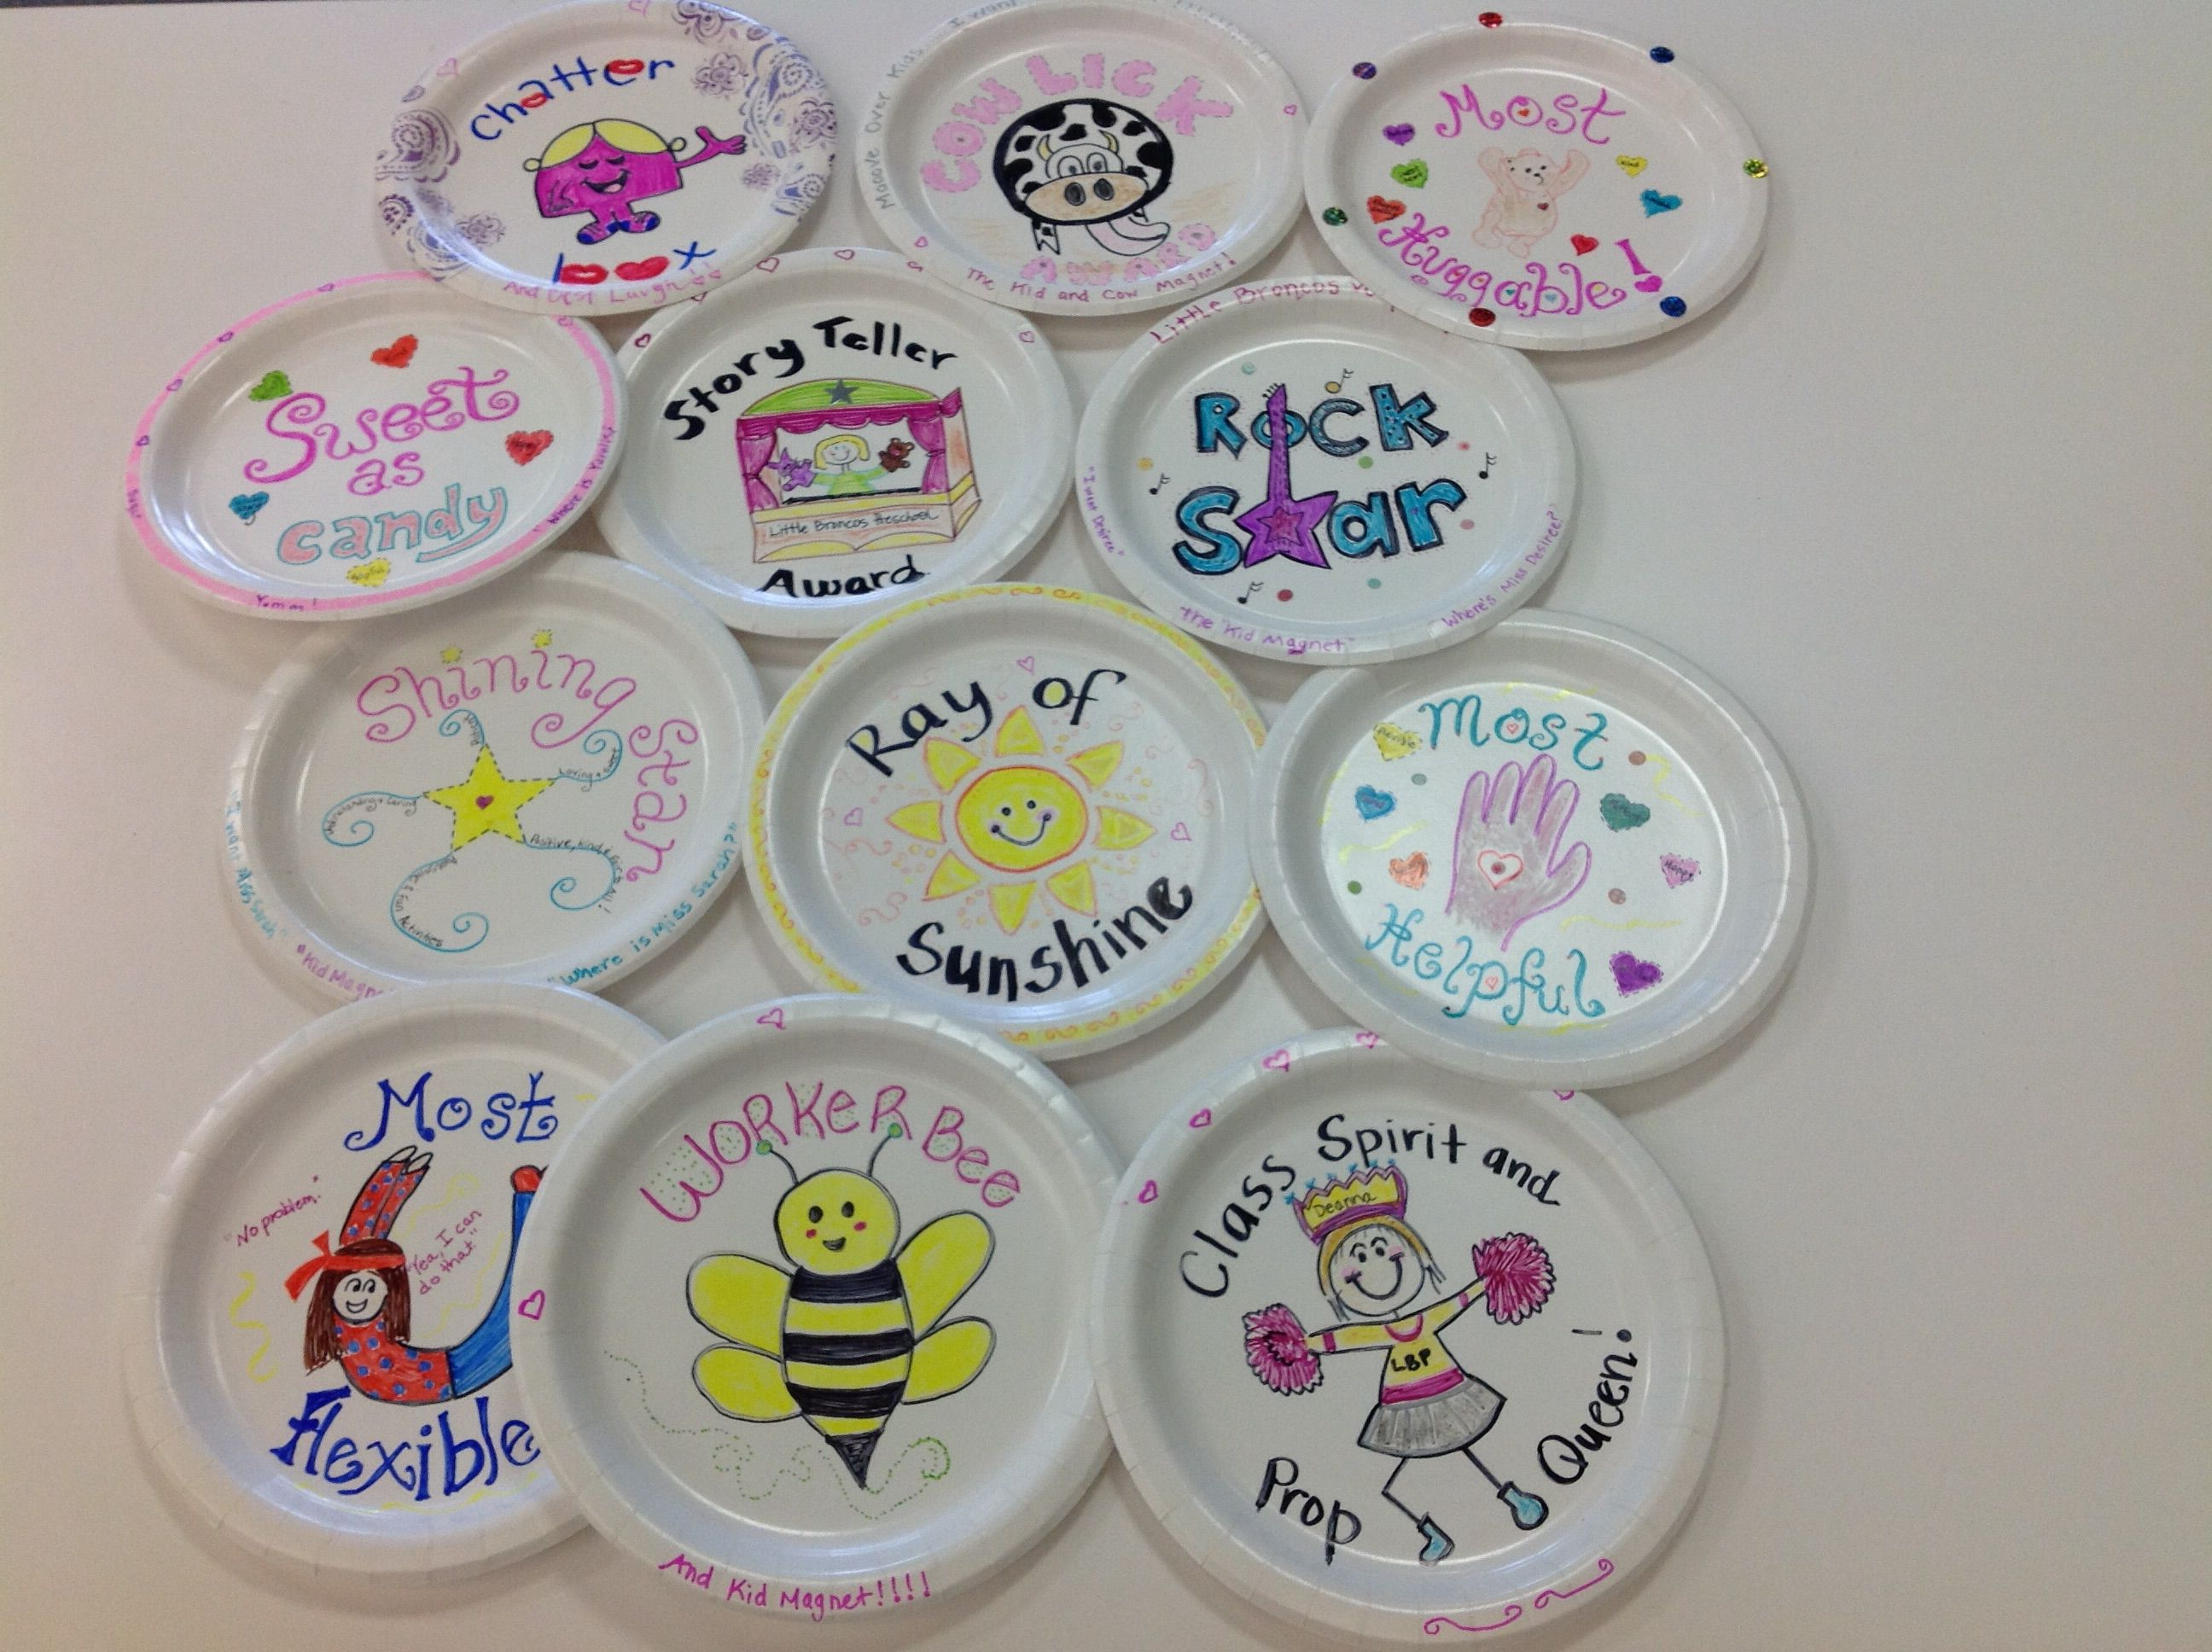 Paper Plate Award Inspiration Paper Plate Awards Paper Plates Award Ideas Dance team banquet award ideas